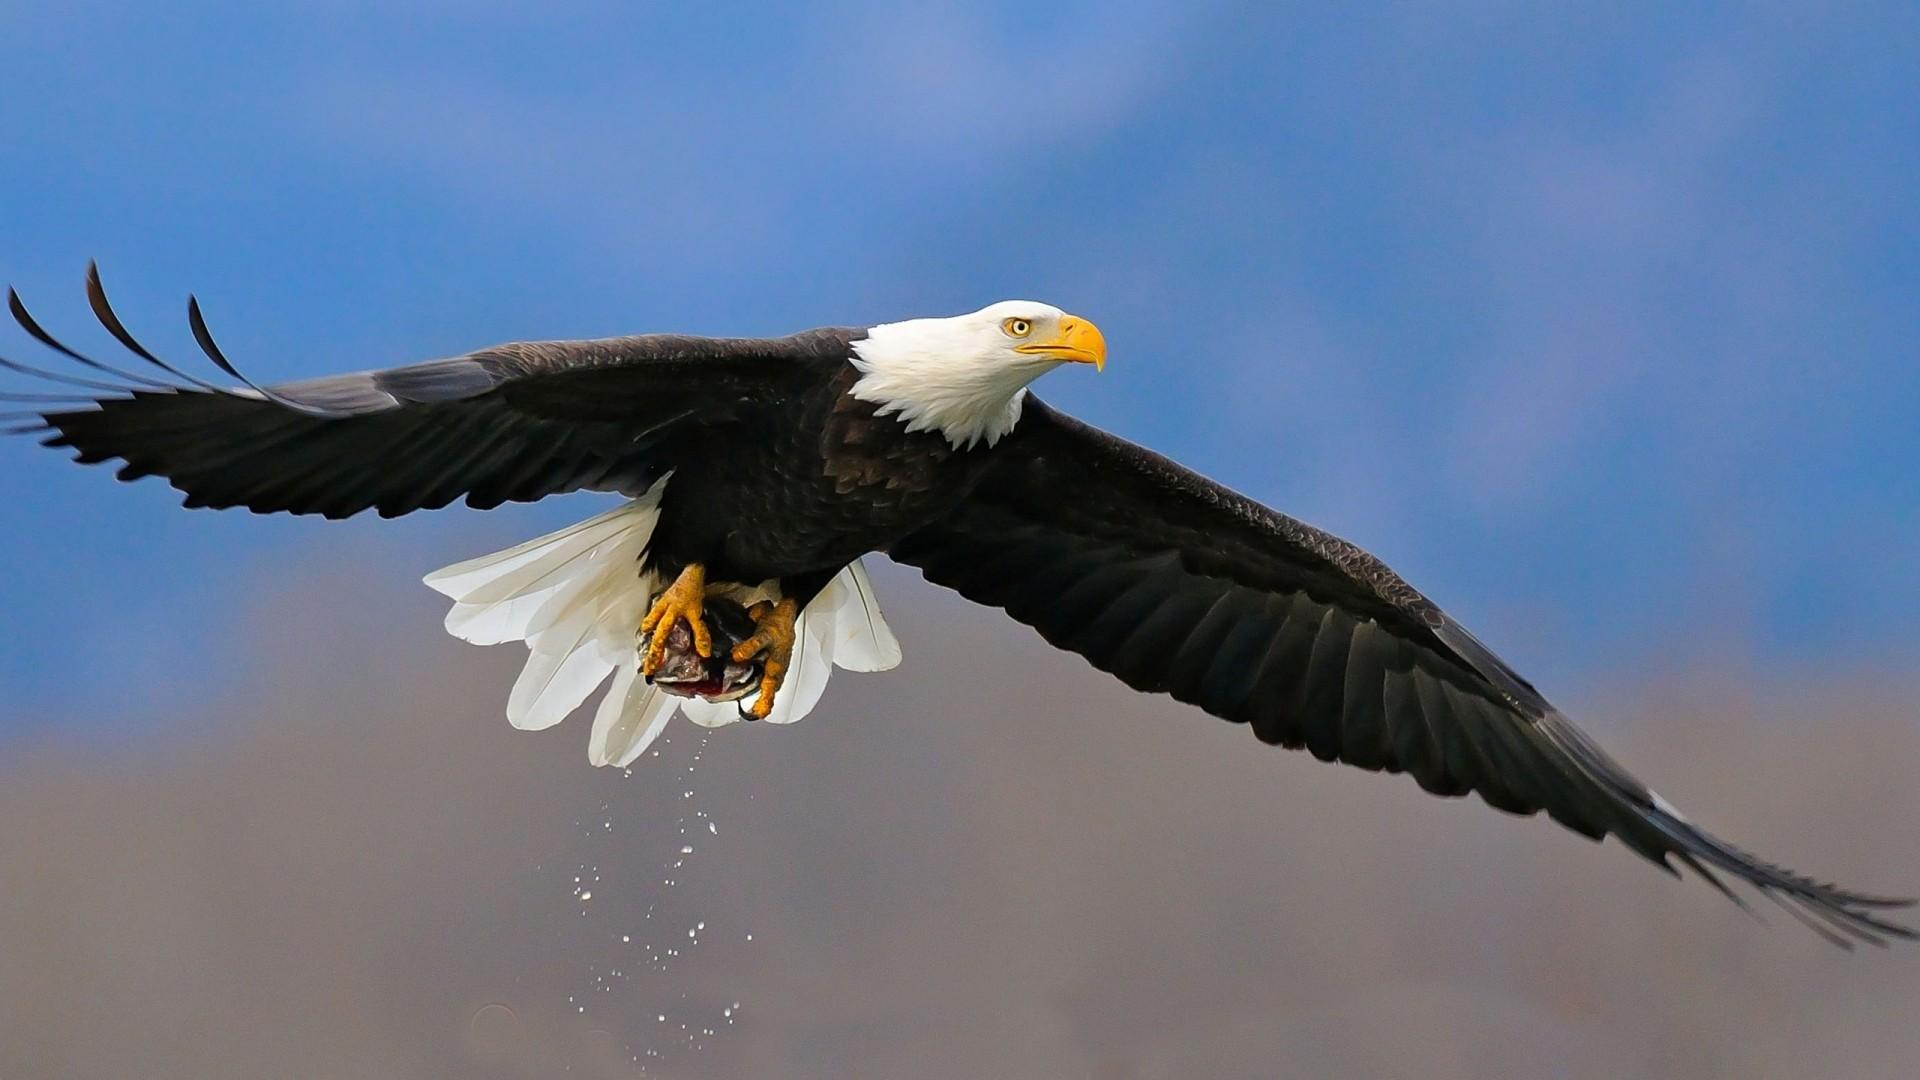 Eagle a wallpaper